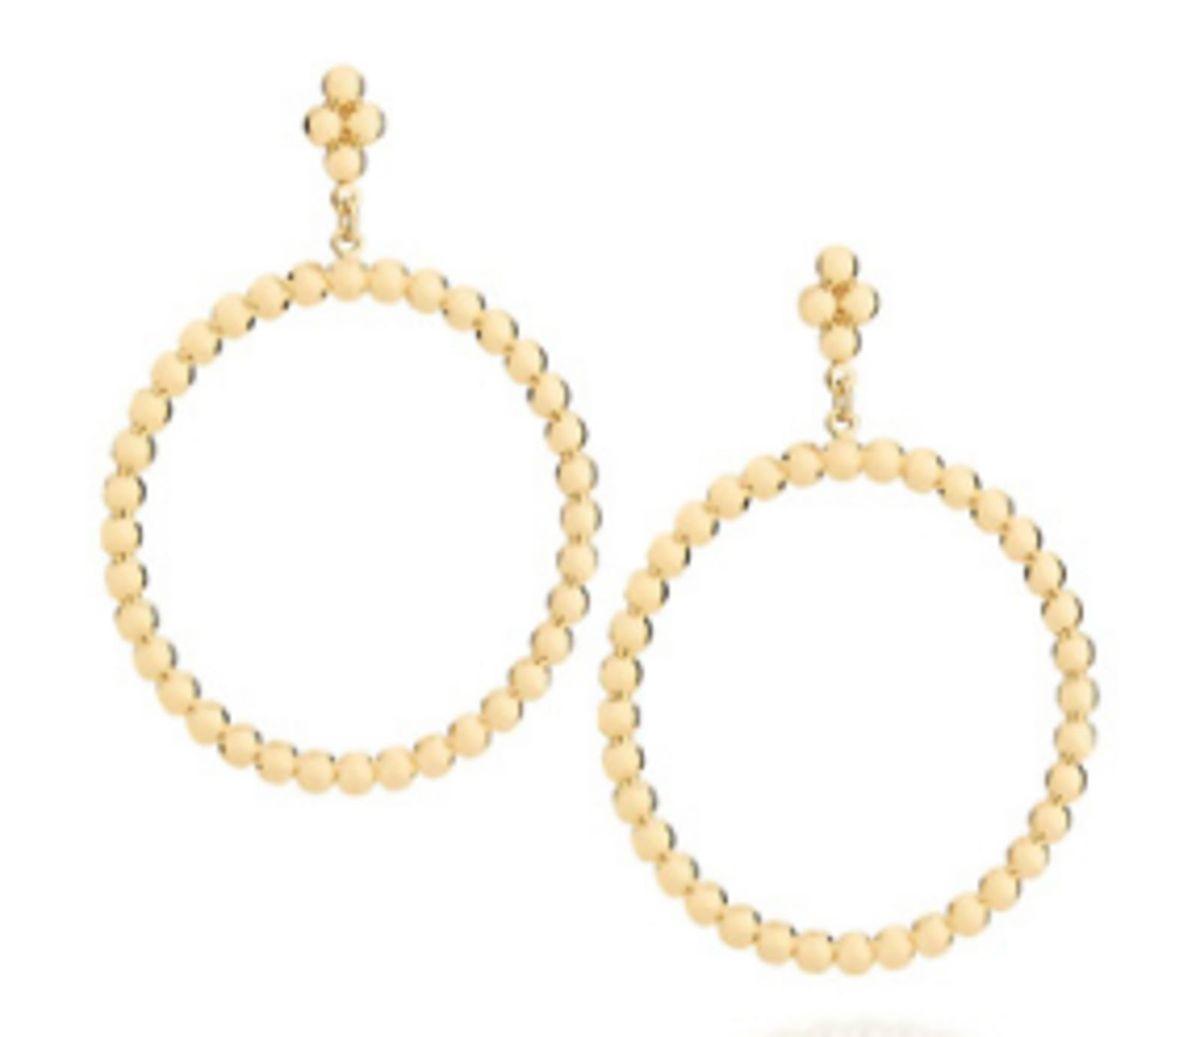 brinco coleção giovanna antonelli 8ª edição)rommanel.med. 6,70cm - jóias 0b27c5030b